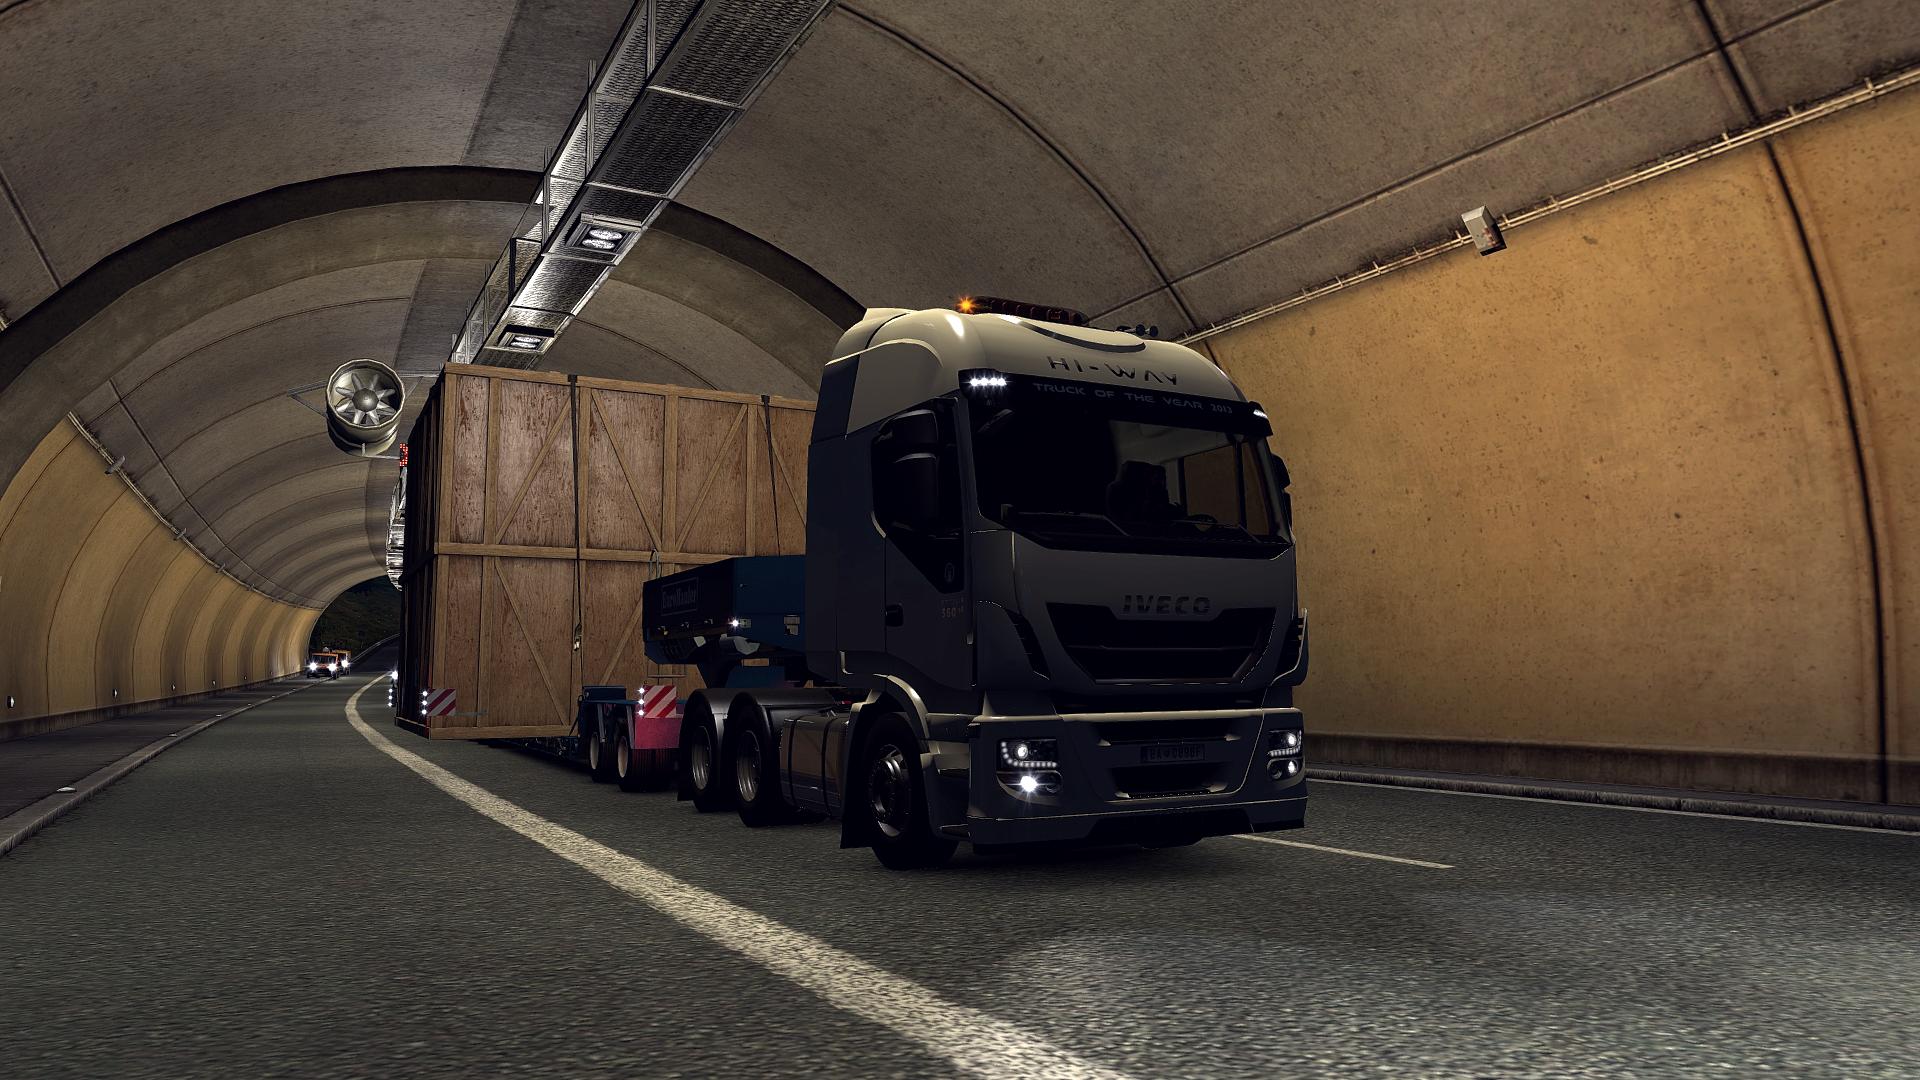 eurotrucks2 2018-12-07 22-19-40.png - Euro Truck Simulator 2